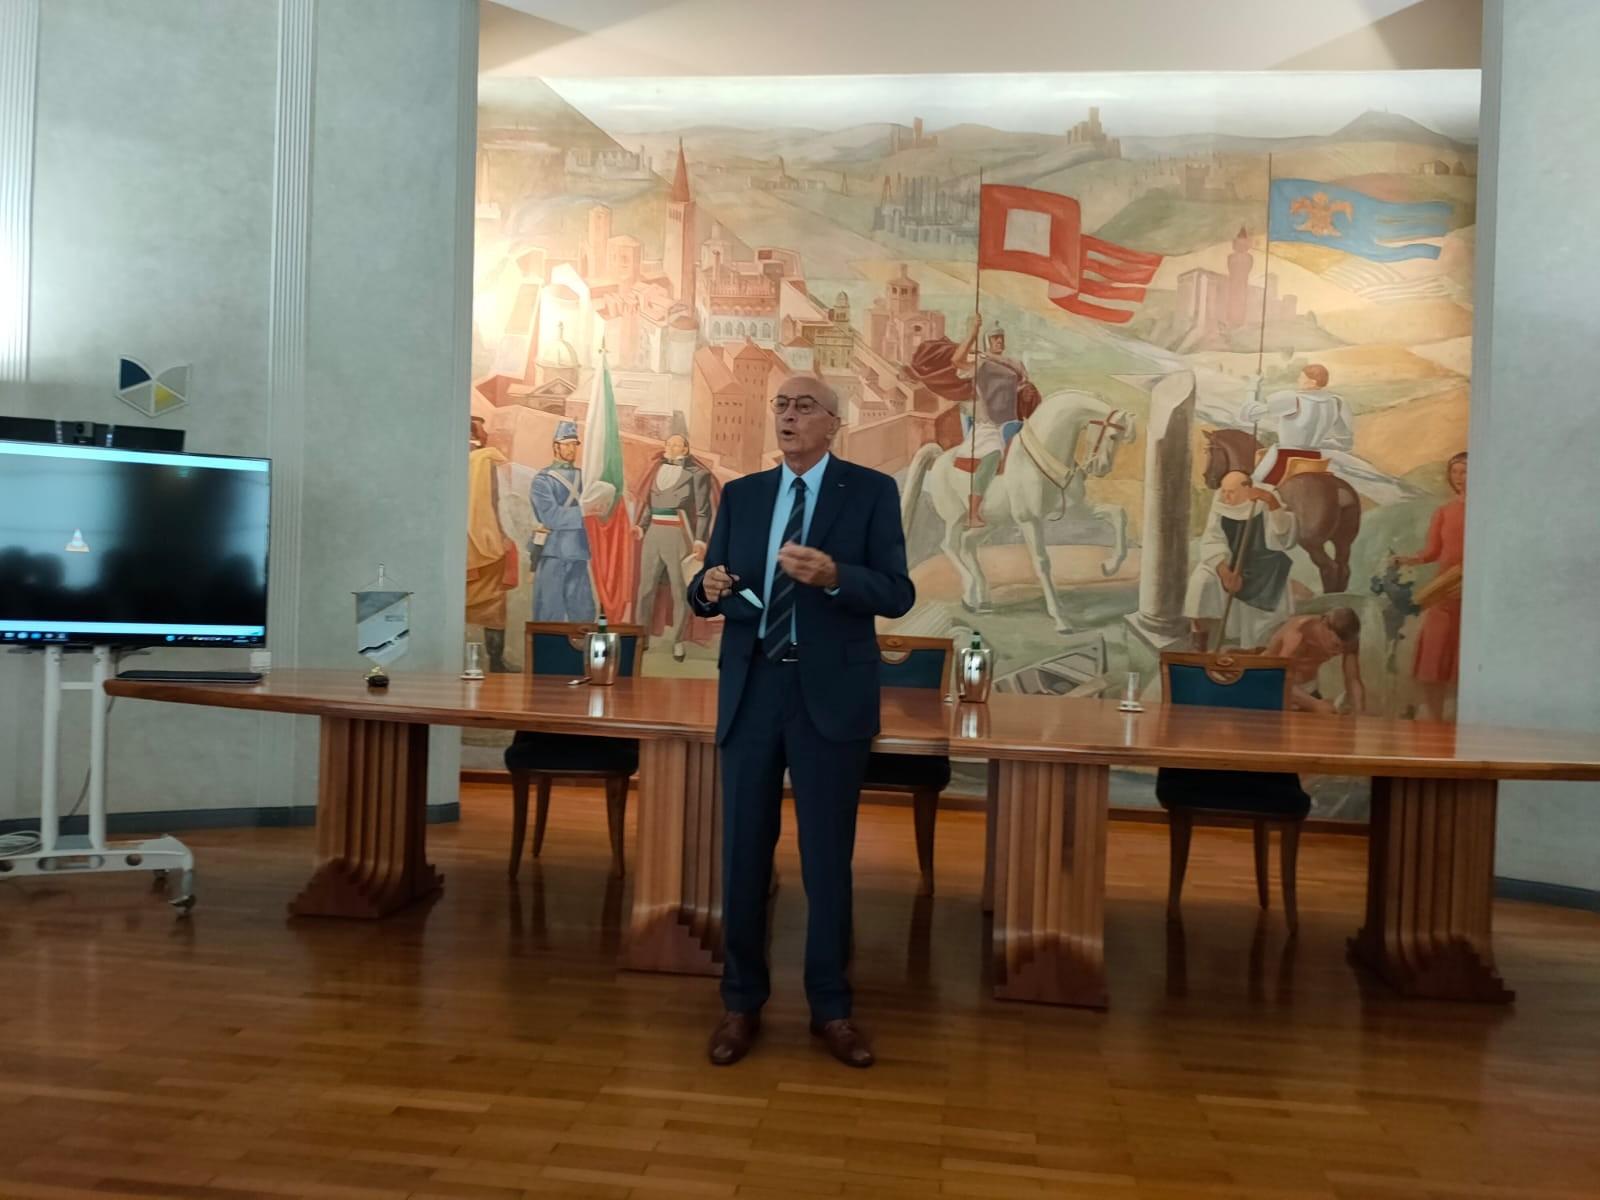 Presentazione-Spot-banca-Piacenza_2